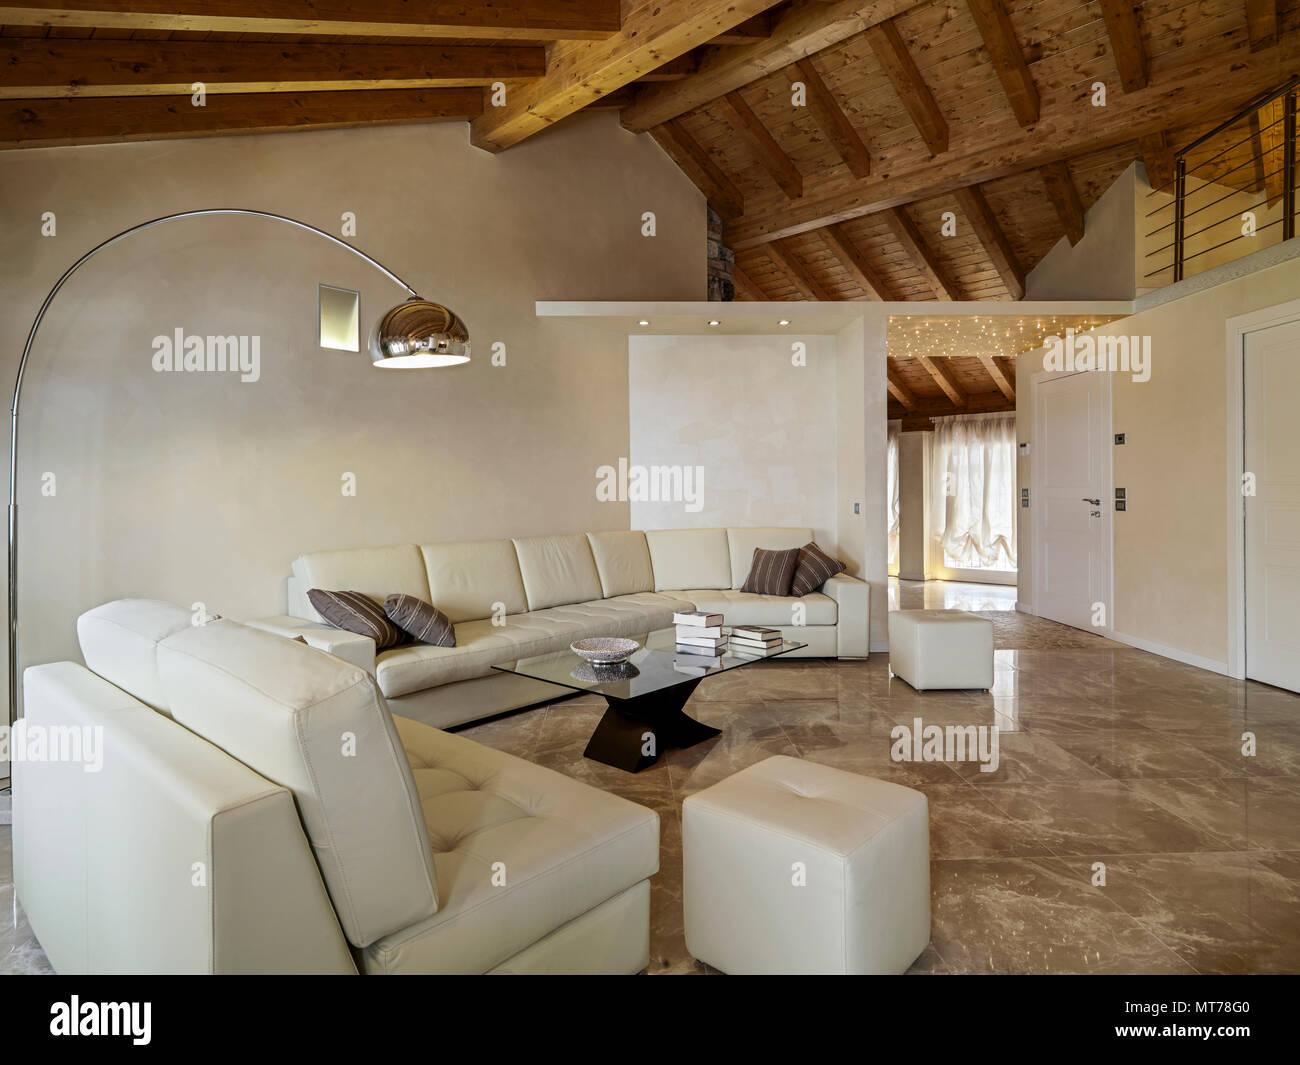 Wohnzimmer Im Innenbereich Im Vordergrund Das Beige Leder Sofa Und